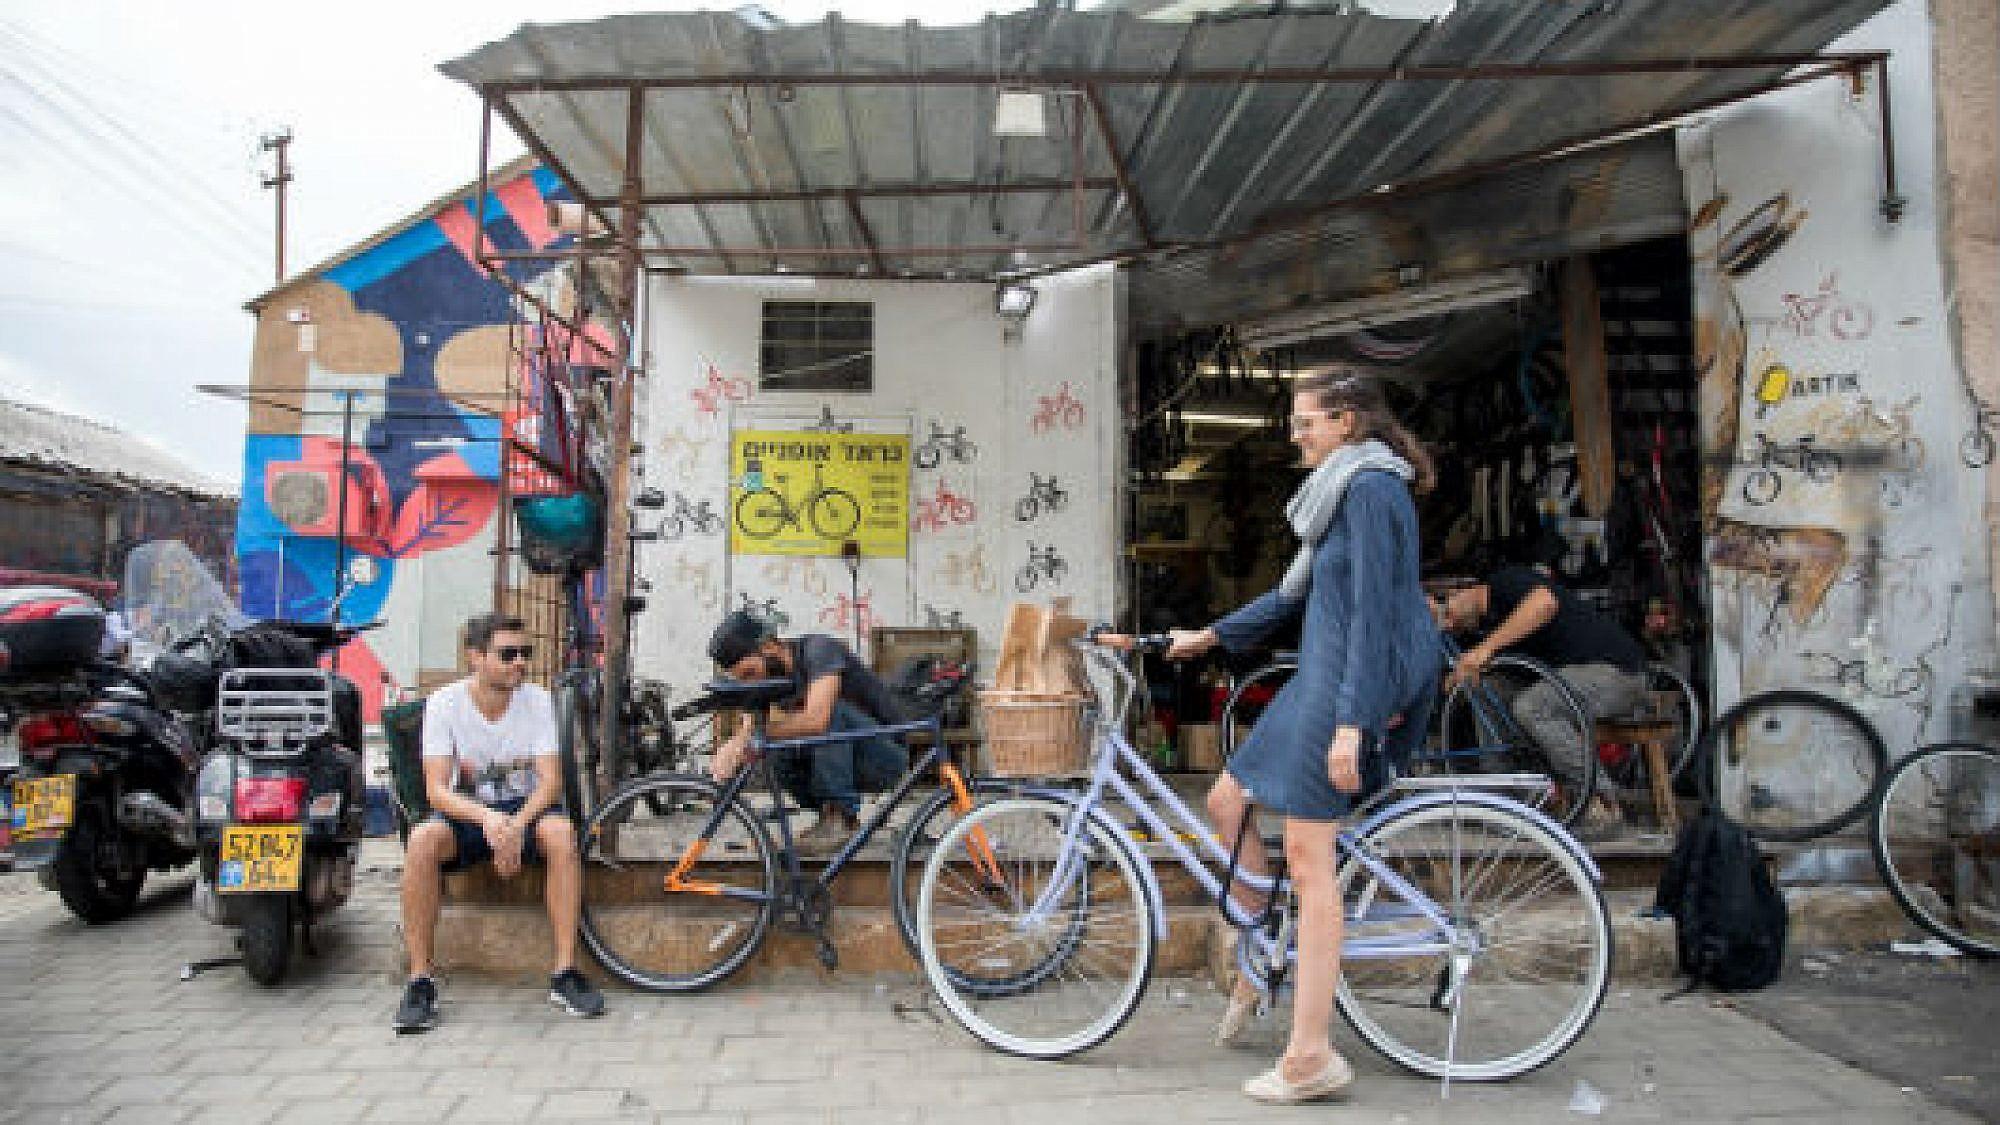 גראז' אופניים, פלורנטין. צילום: דין אהרוני רולנד